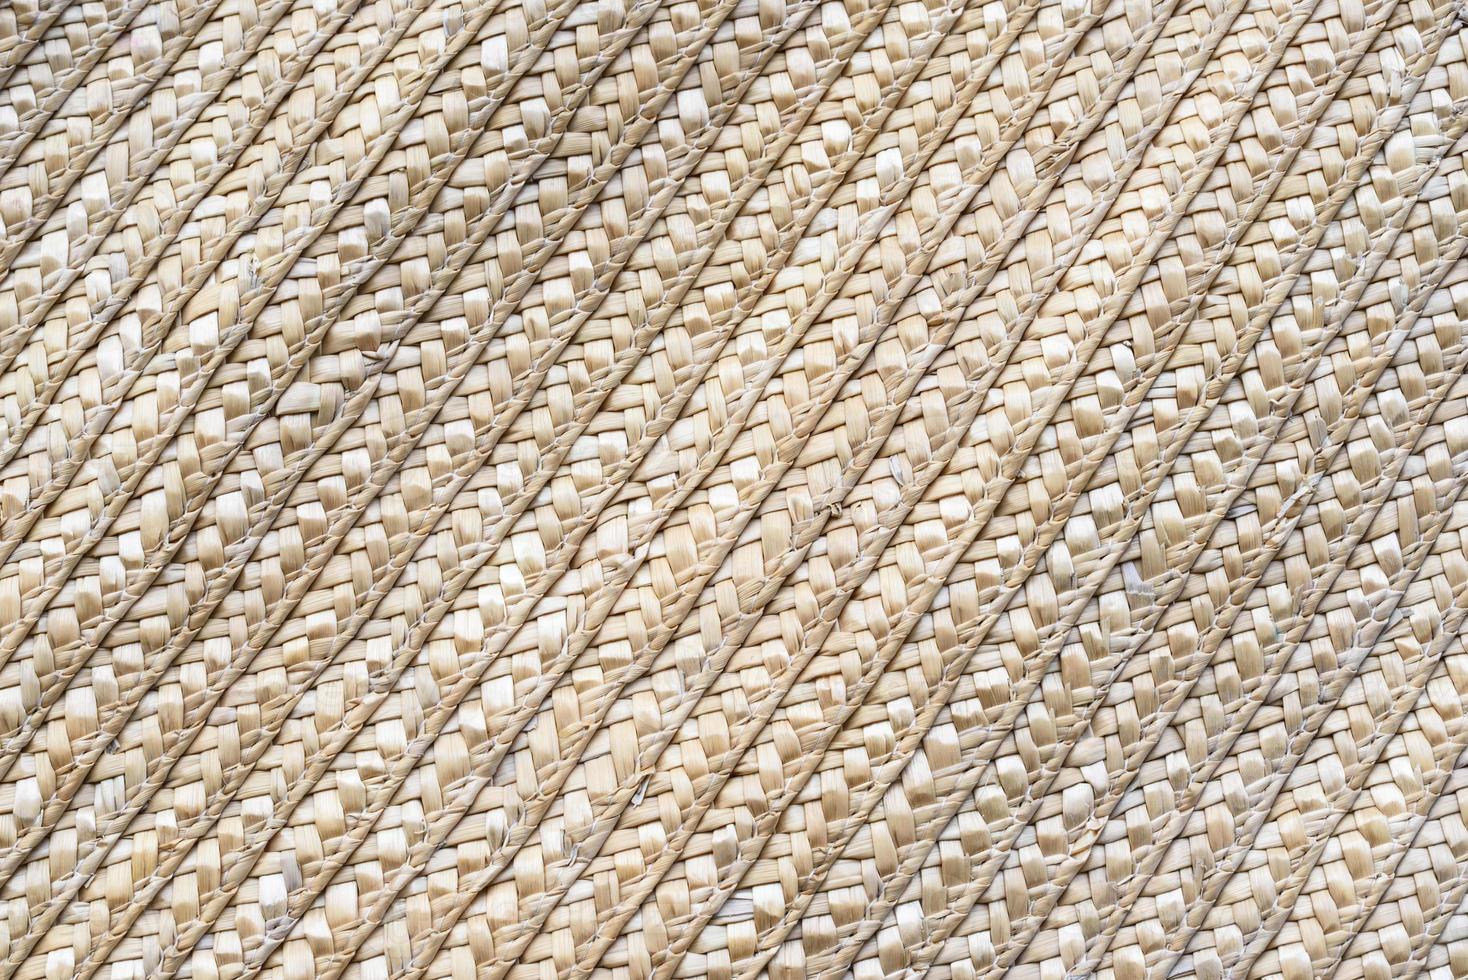 textura de mimbre foto